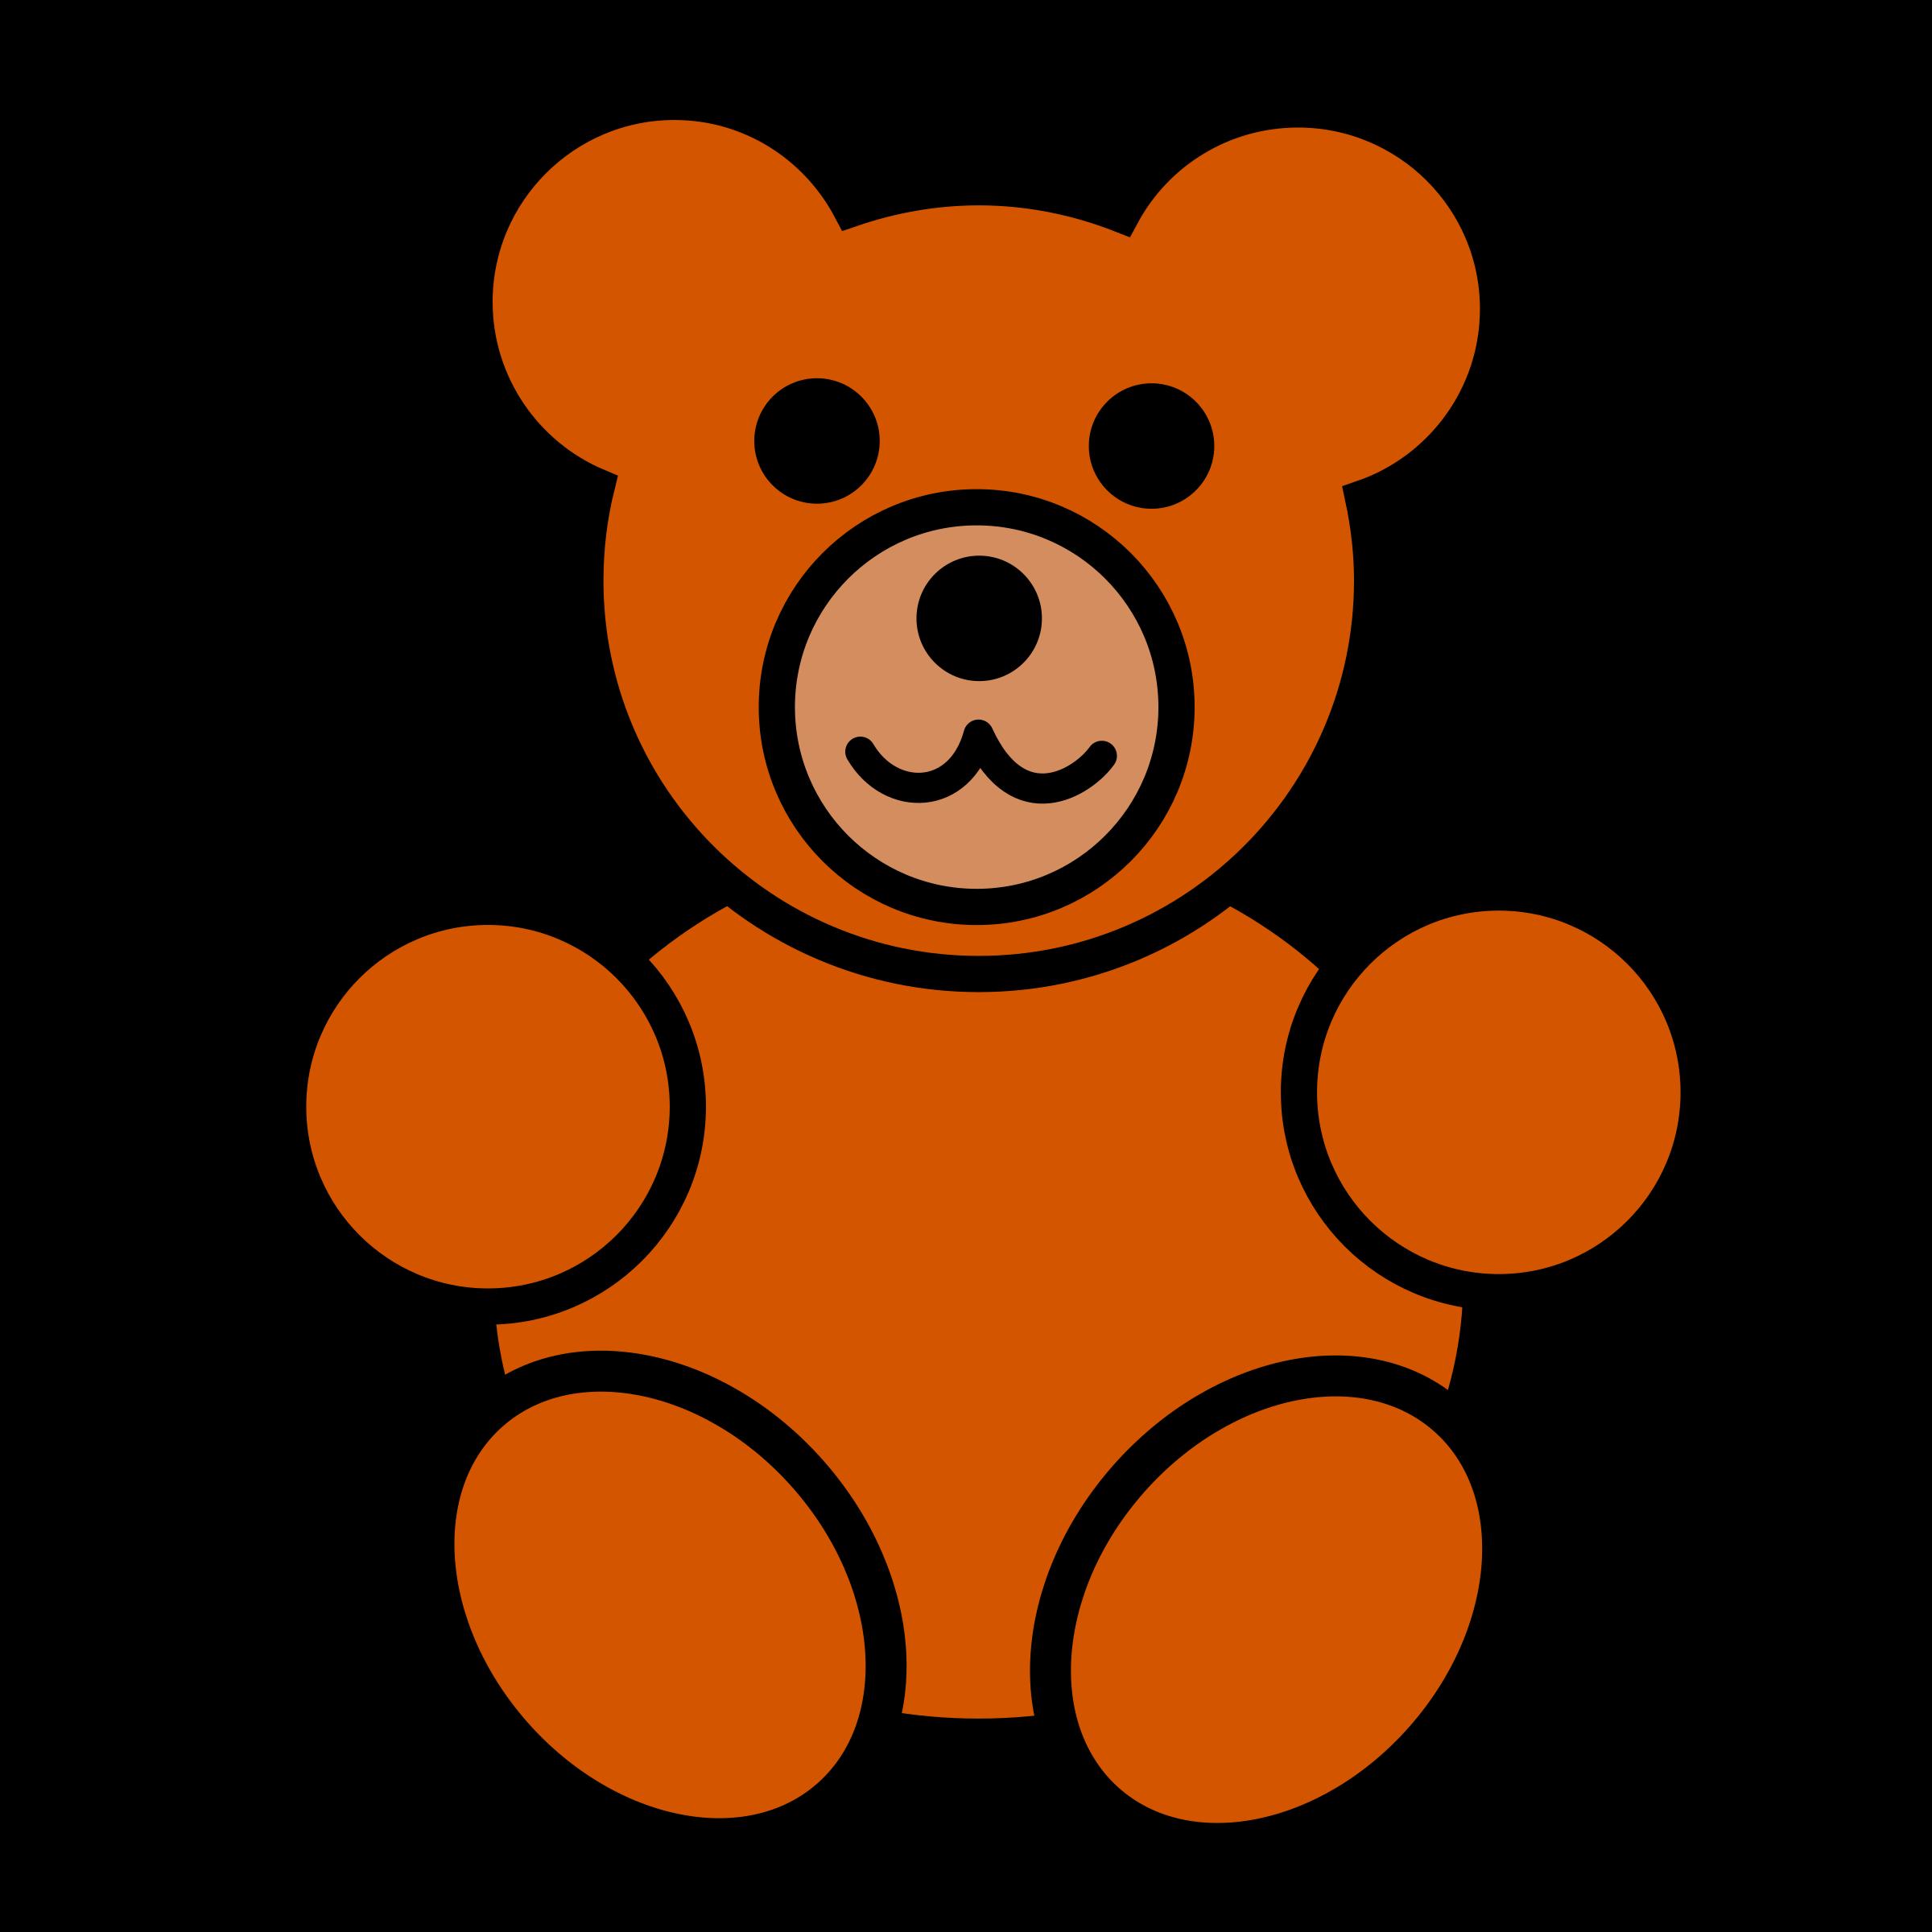 Clipart teddy bear 5 » Clipart Station.